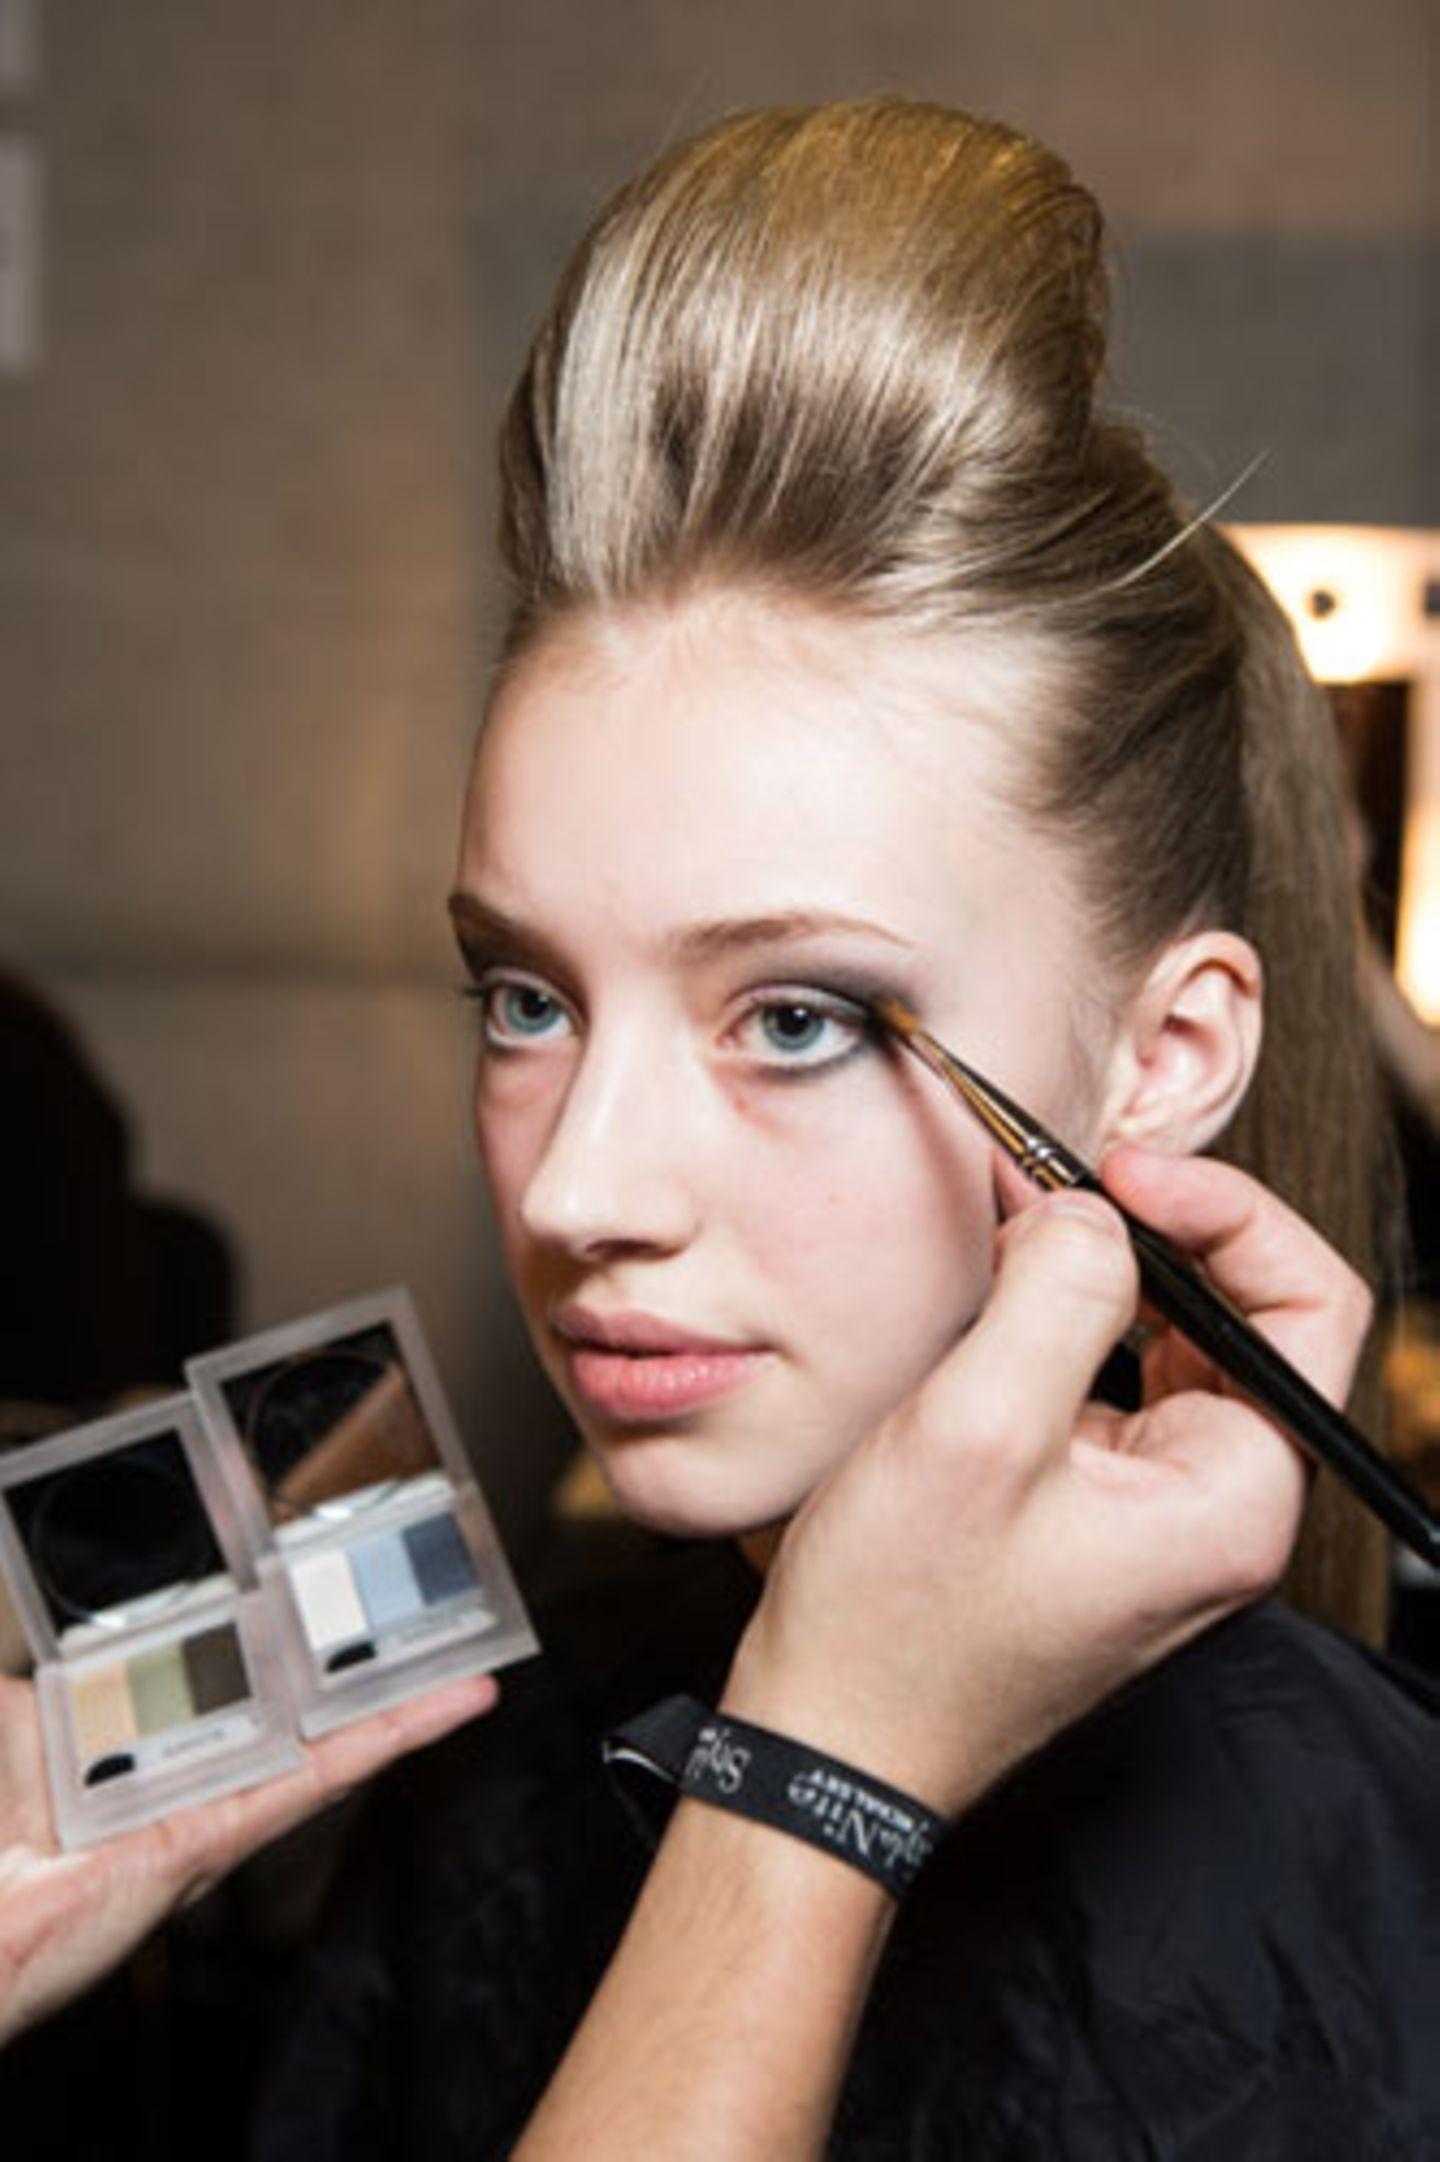 Mit einem flachen Pinsel wird der Lidschatten auch entlang des unteren Wimpernkranzes gesetzt und am äußeren Augenwinkel mit der Farbe vom oberen Lid verblendet.